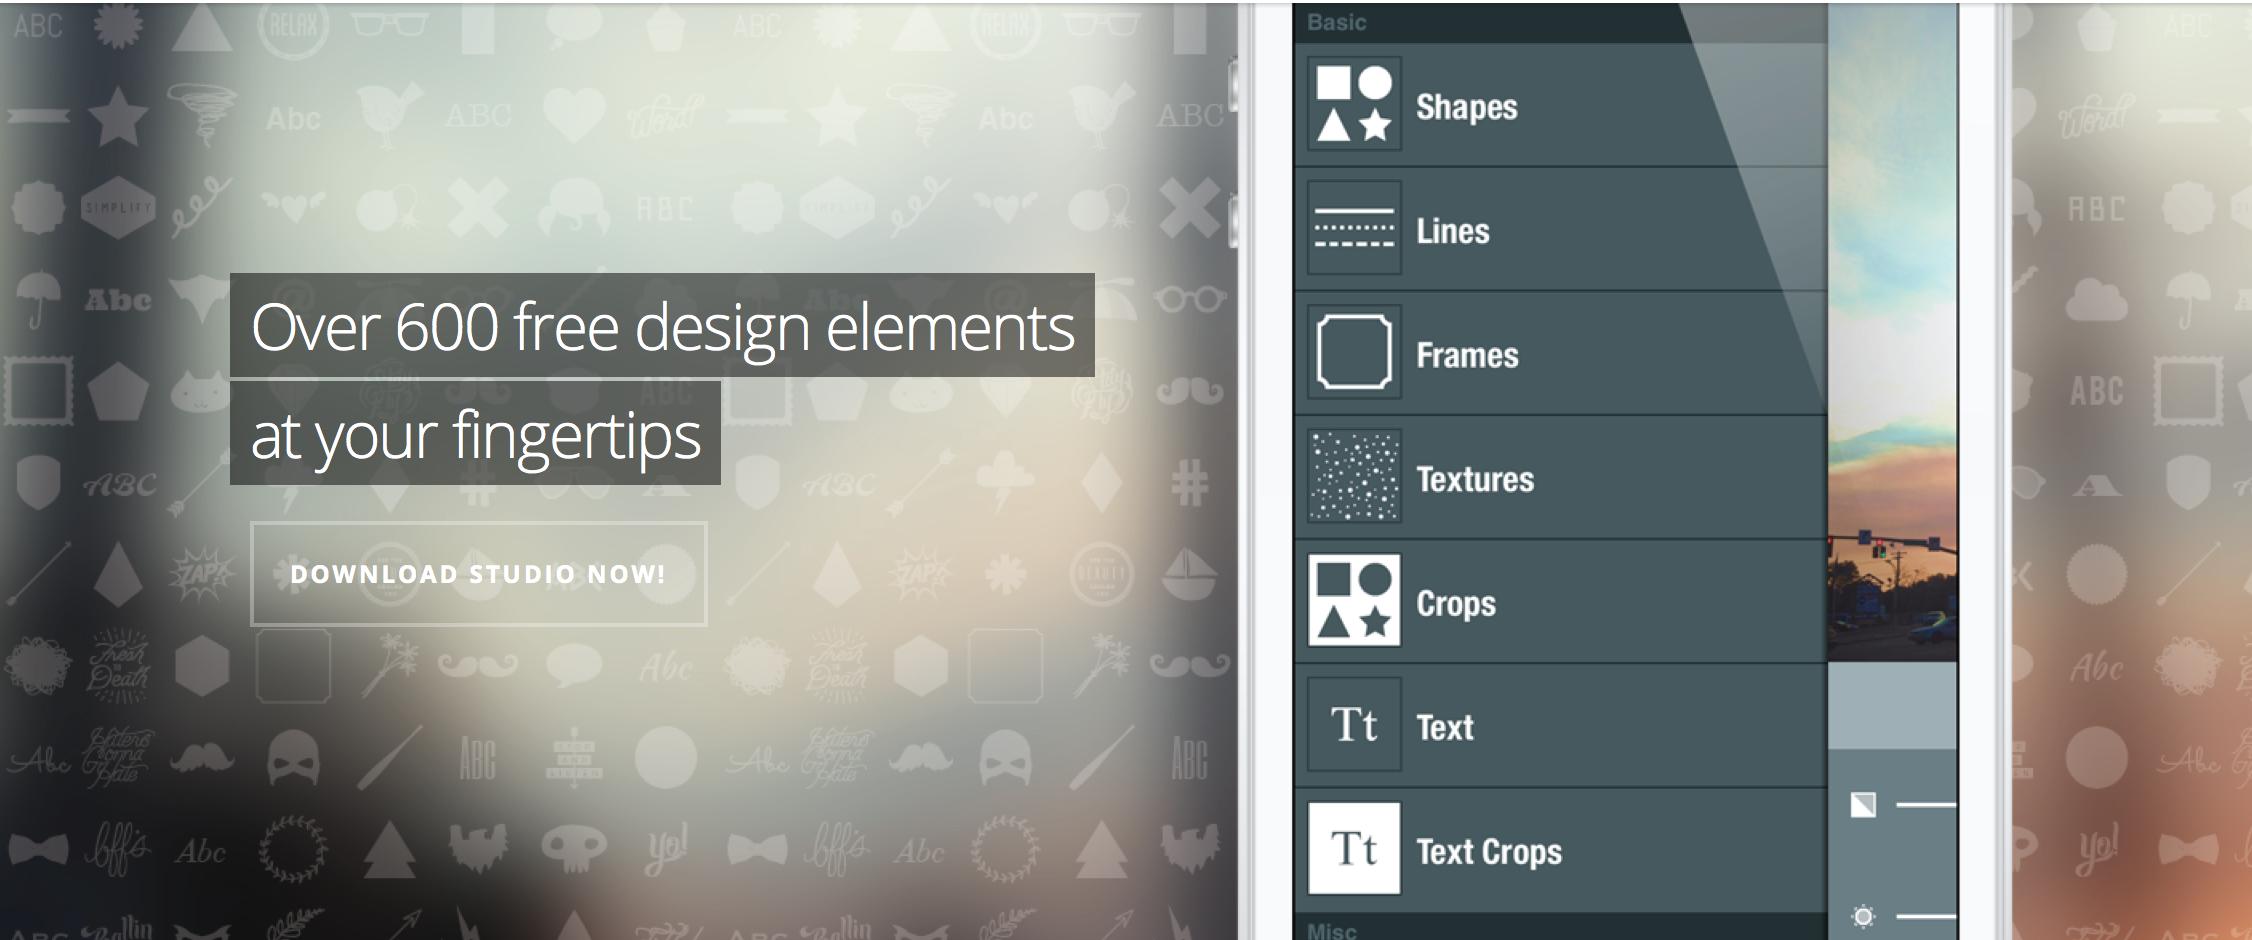 Remplacer ou compléter Instagram, vous trouverez forcément une utilité à Studio design.